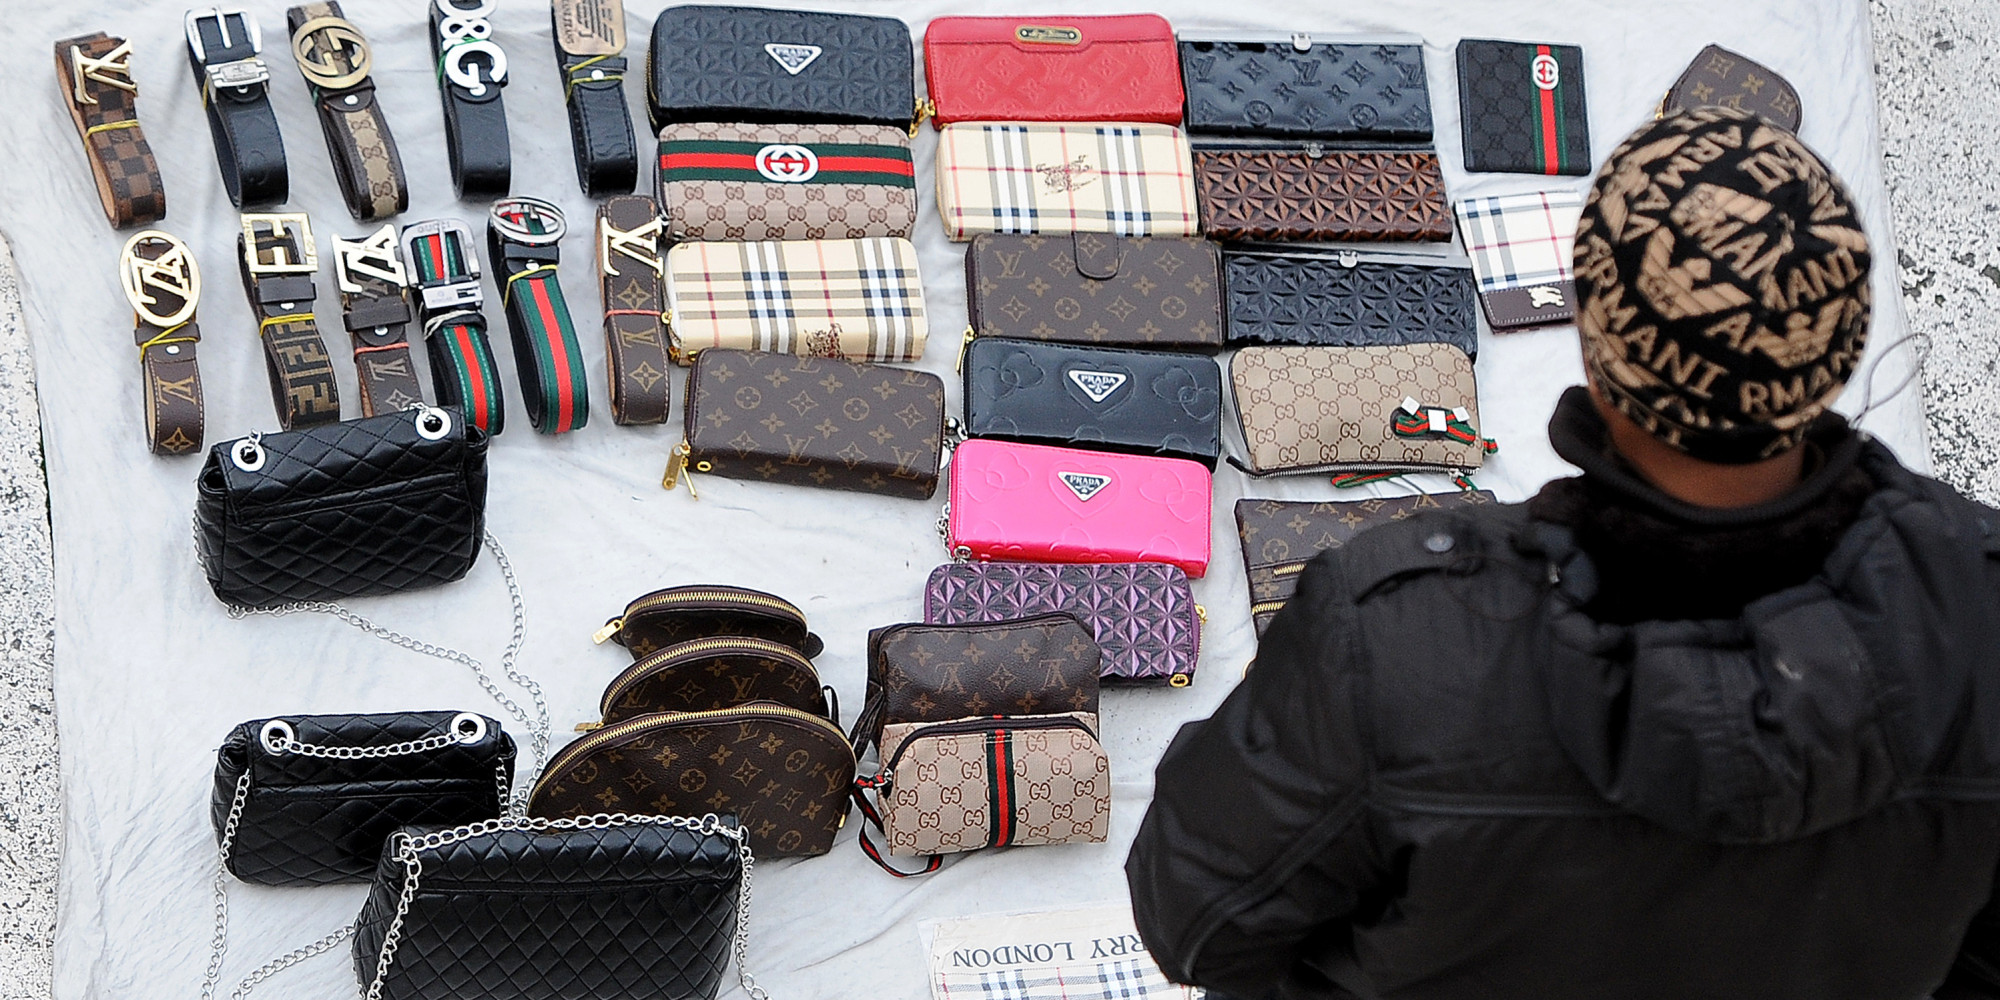 d89a05605cee How to Spot A Fake Designer Bag